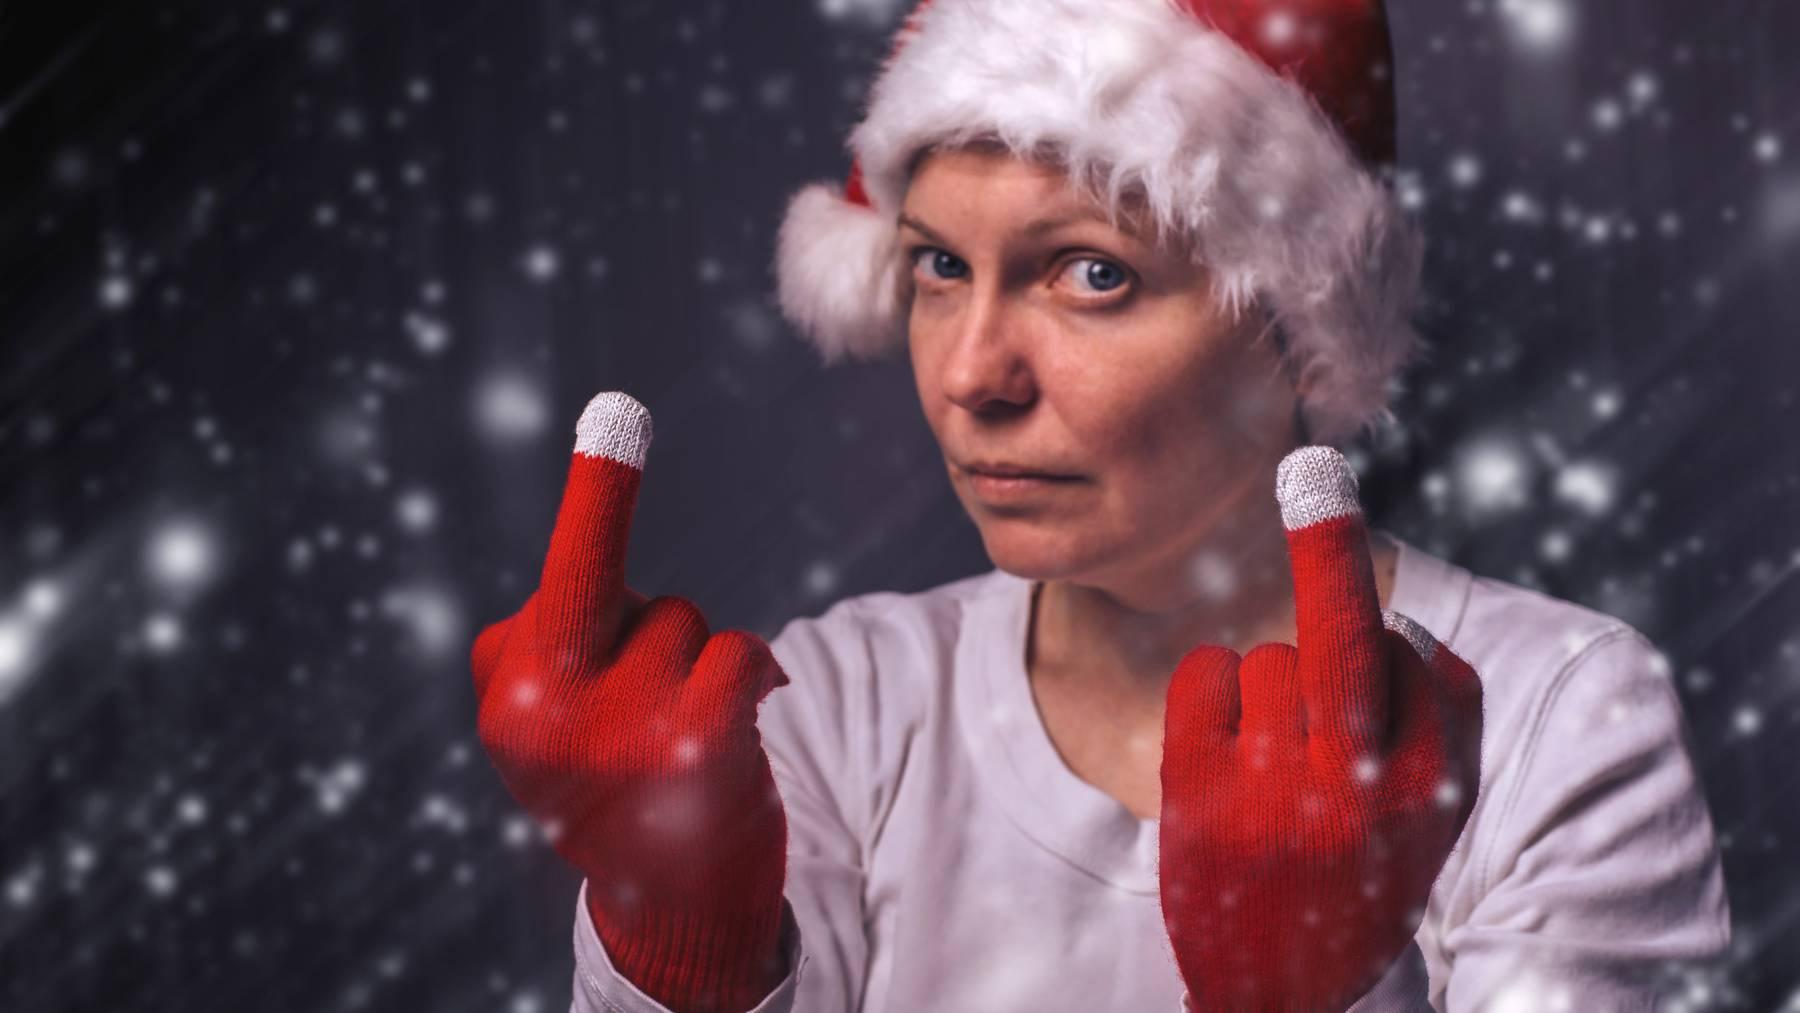 Nicht jeder mag Weihnachten